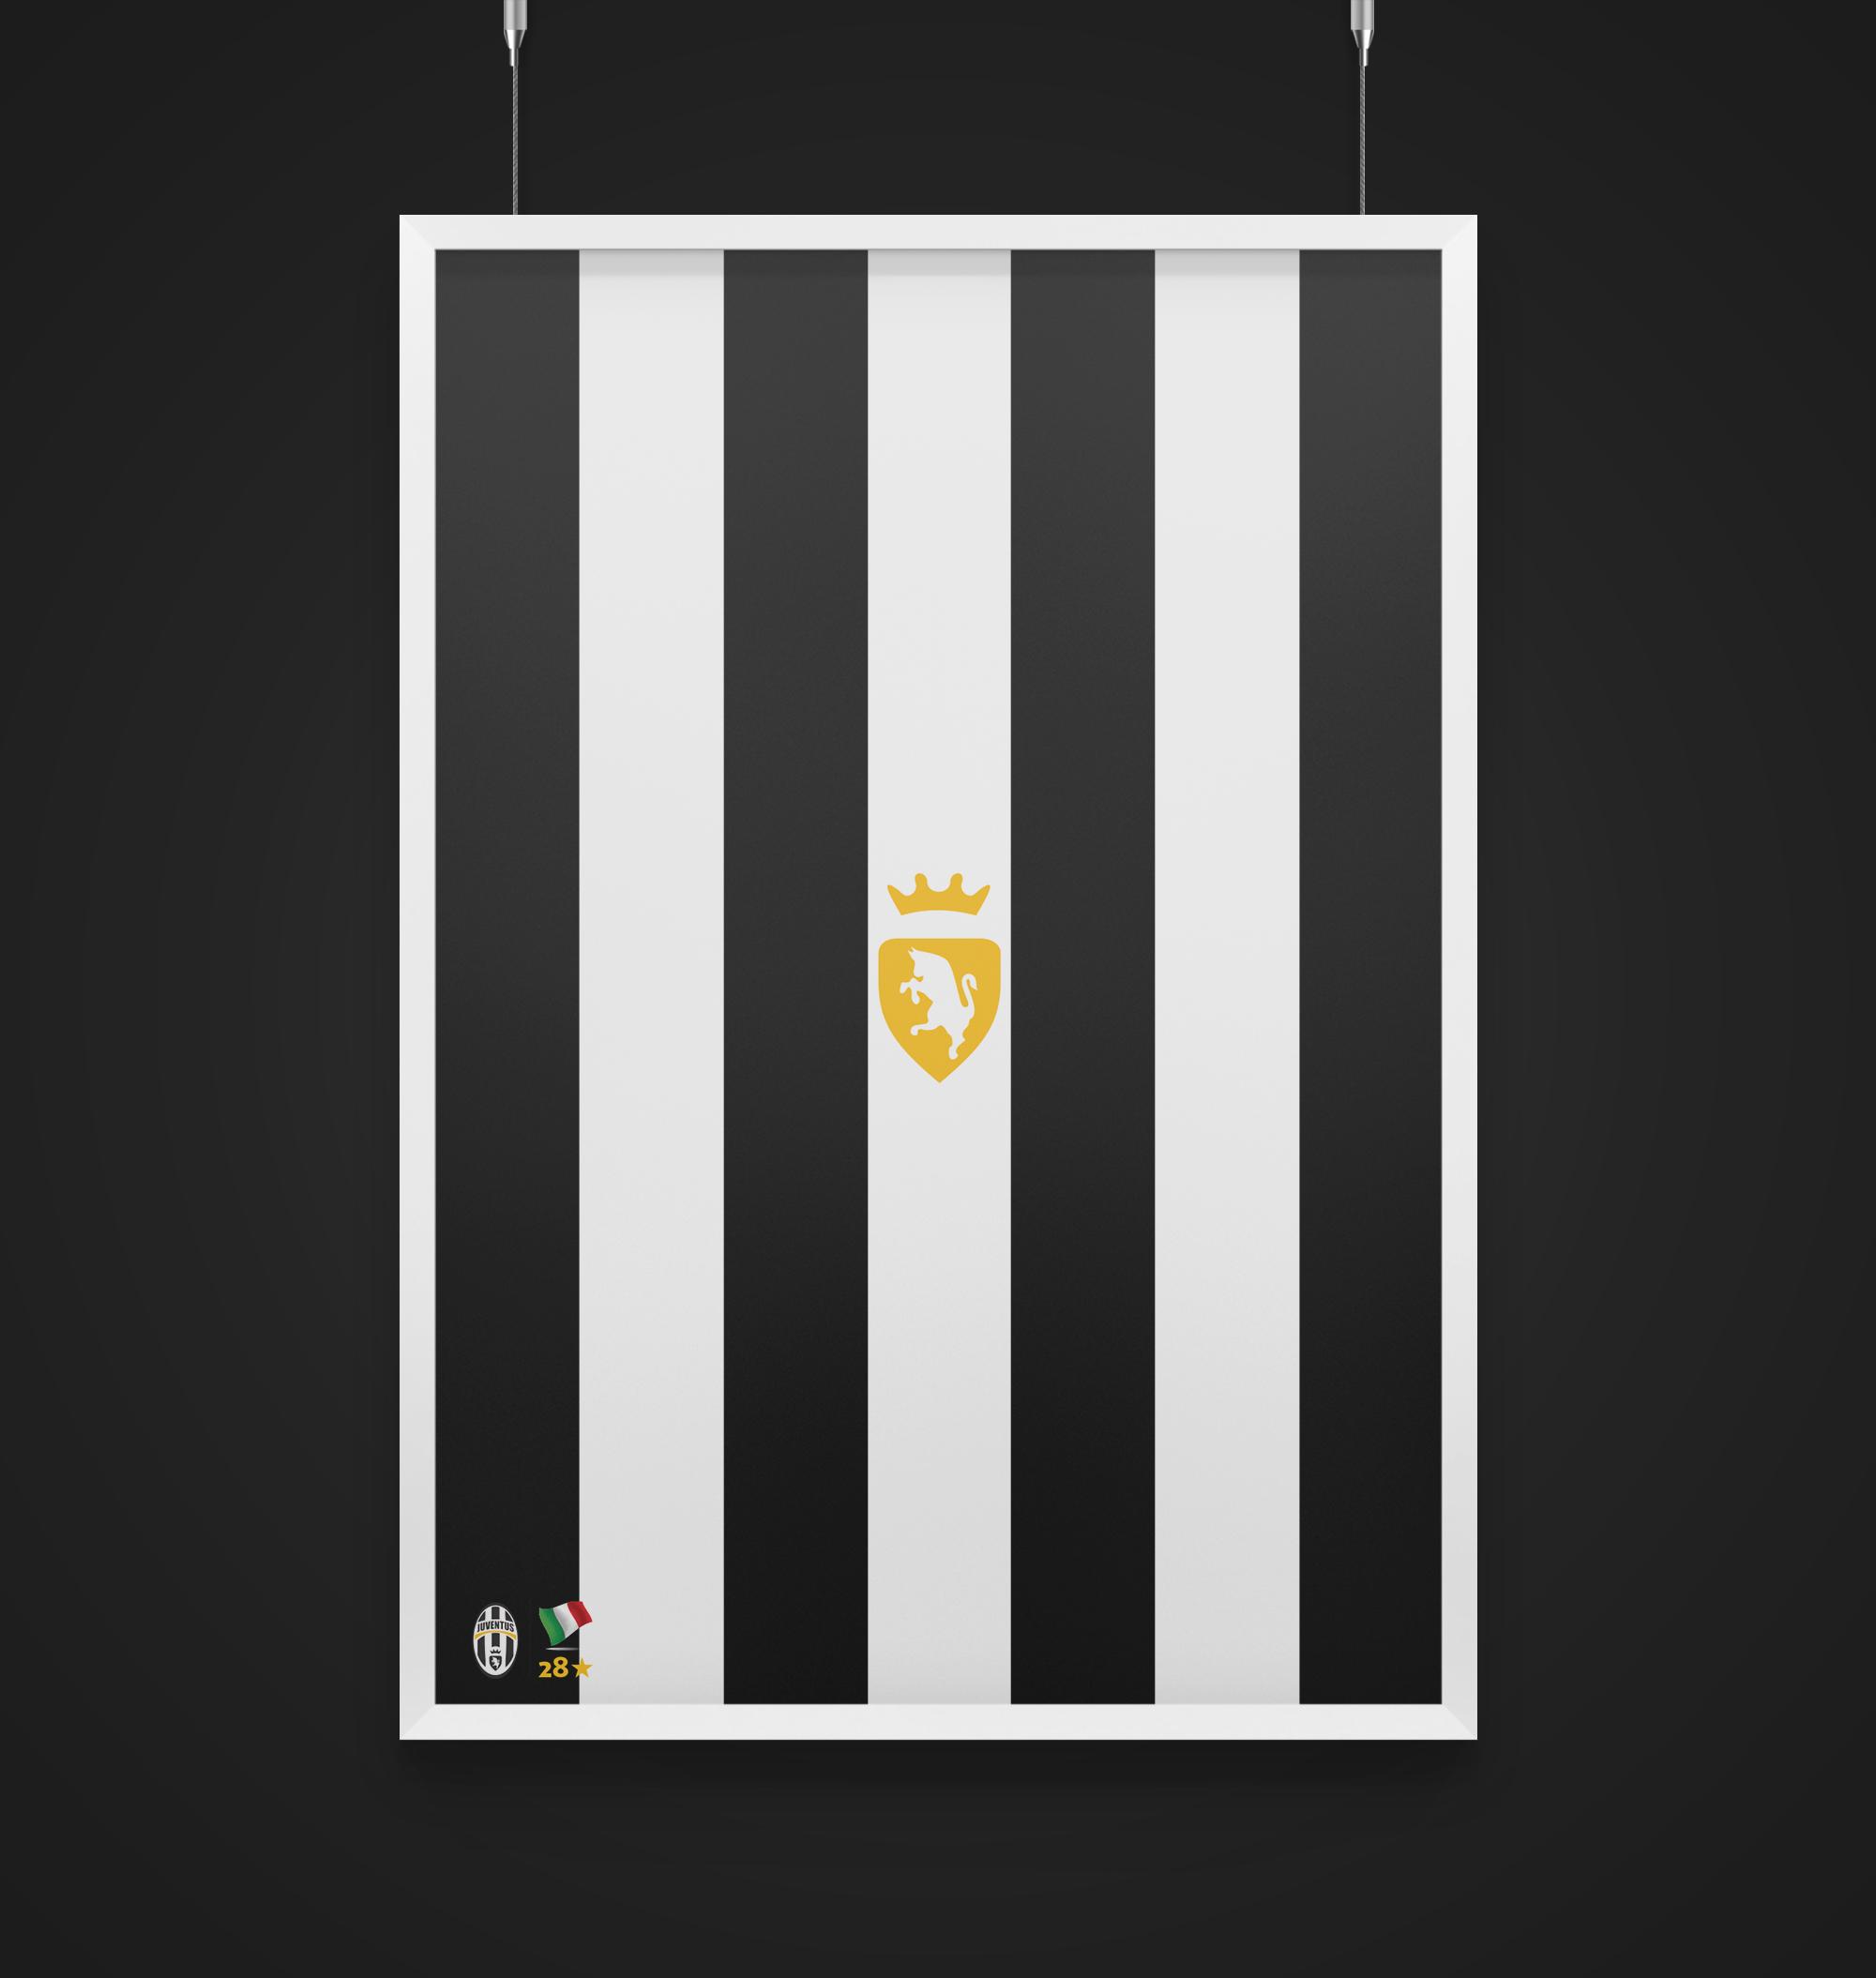 raniev-rod-alvarez-diseño-gráfico-queretaro-poster-minimalist-champions-4-juve